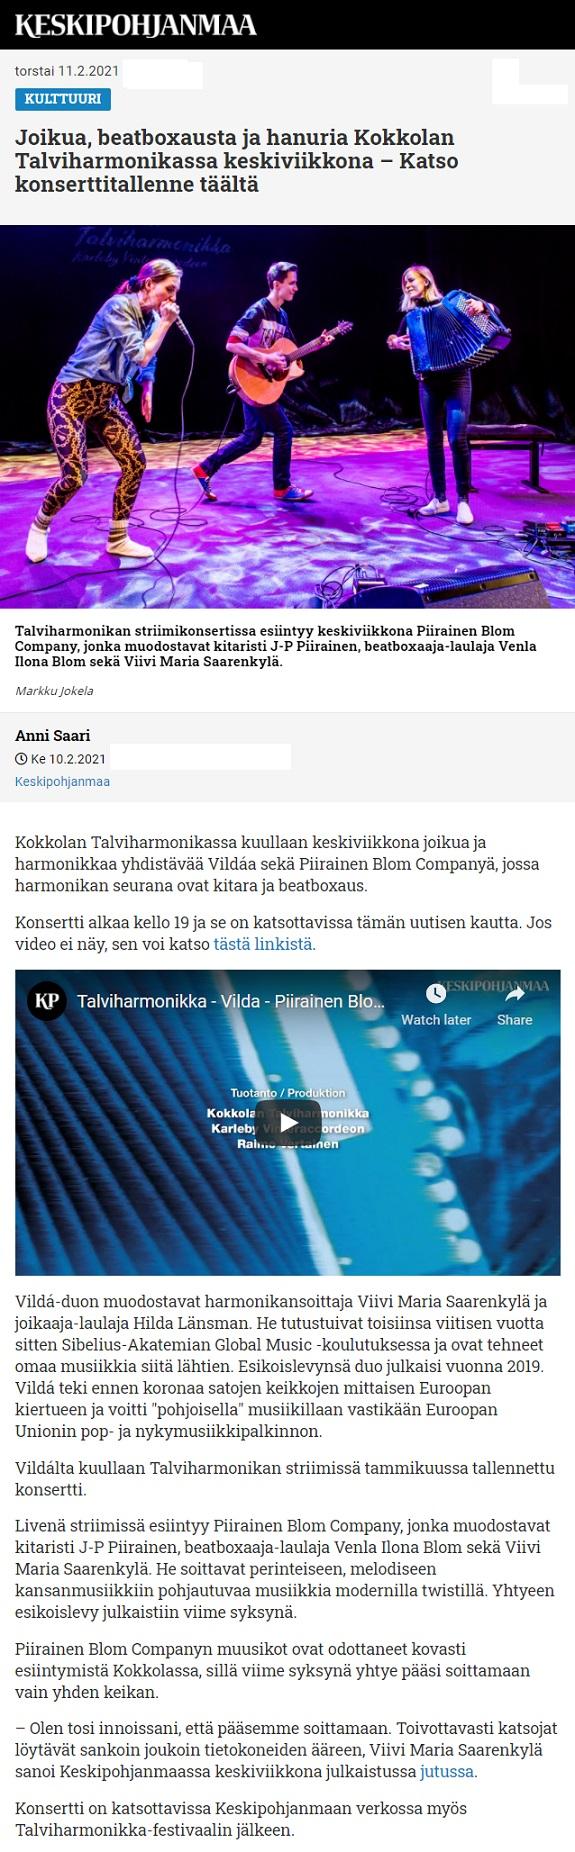 Keskipohjanmaa (Finland), 10.2.2021